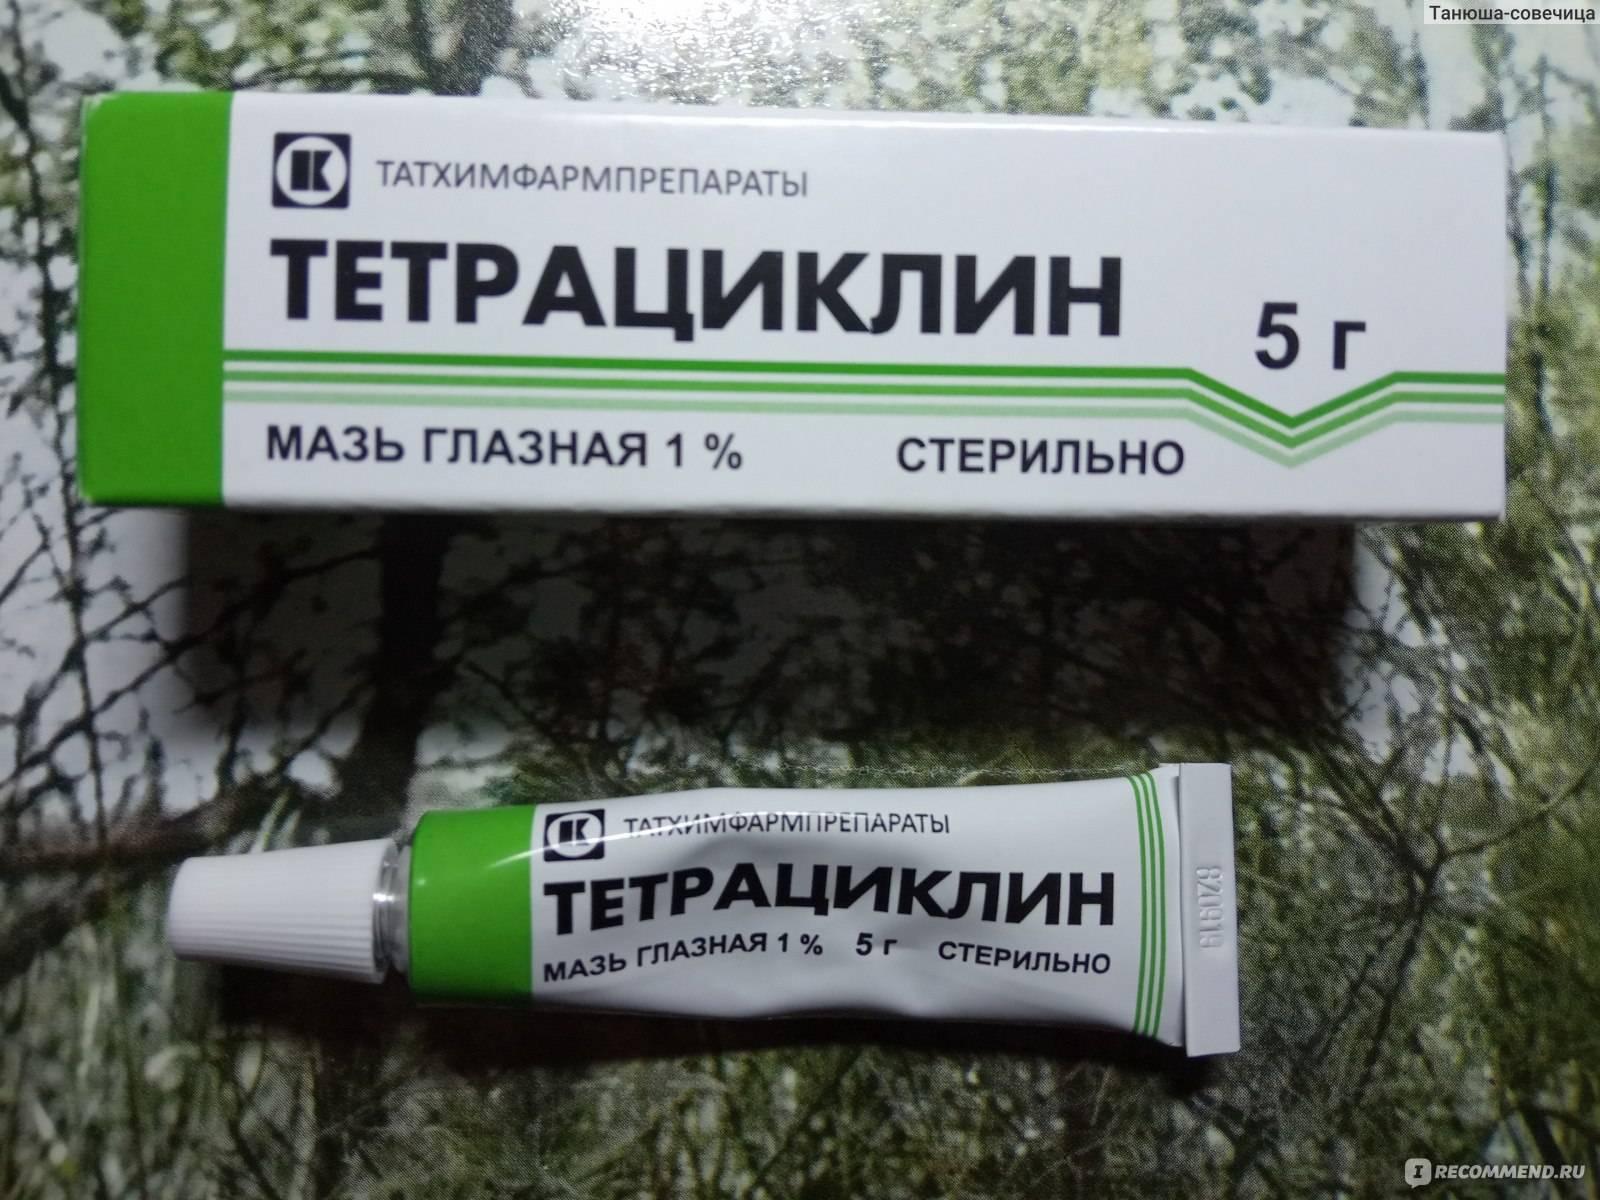 Лучшие мази с антибиотиком для заживления раны: список, цены